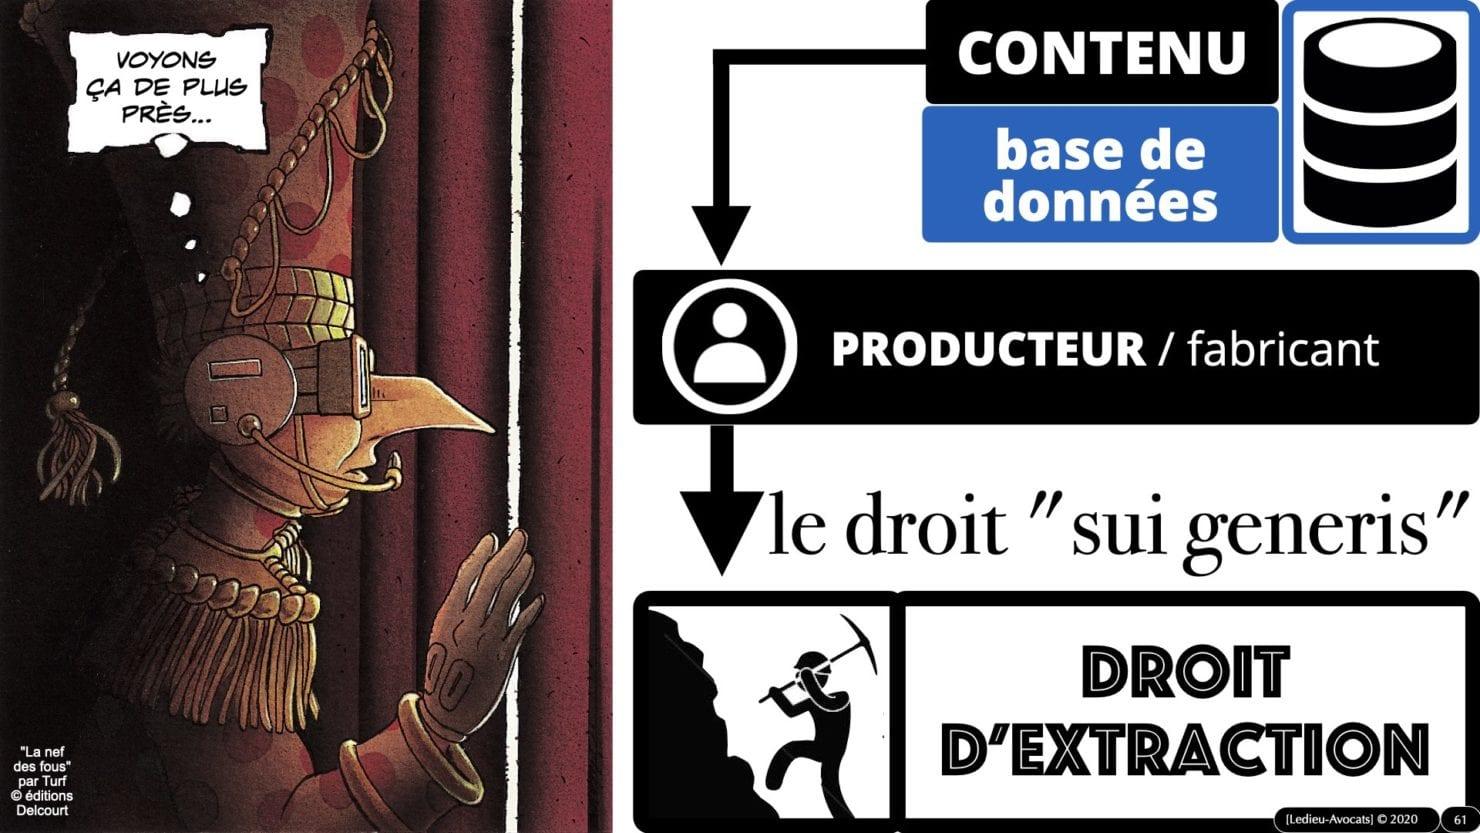 334 extraction indexation BASE DE DONNEES © Ledieu-avocat 24-05-2021.061